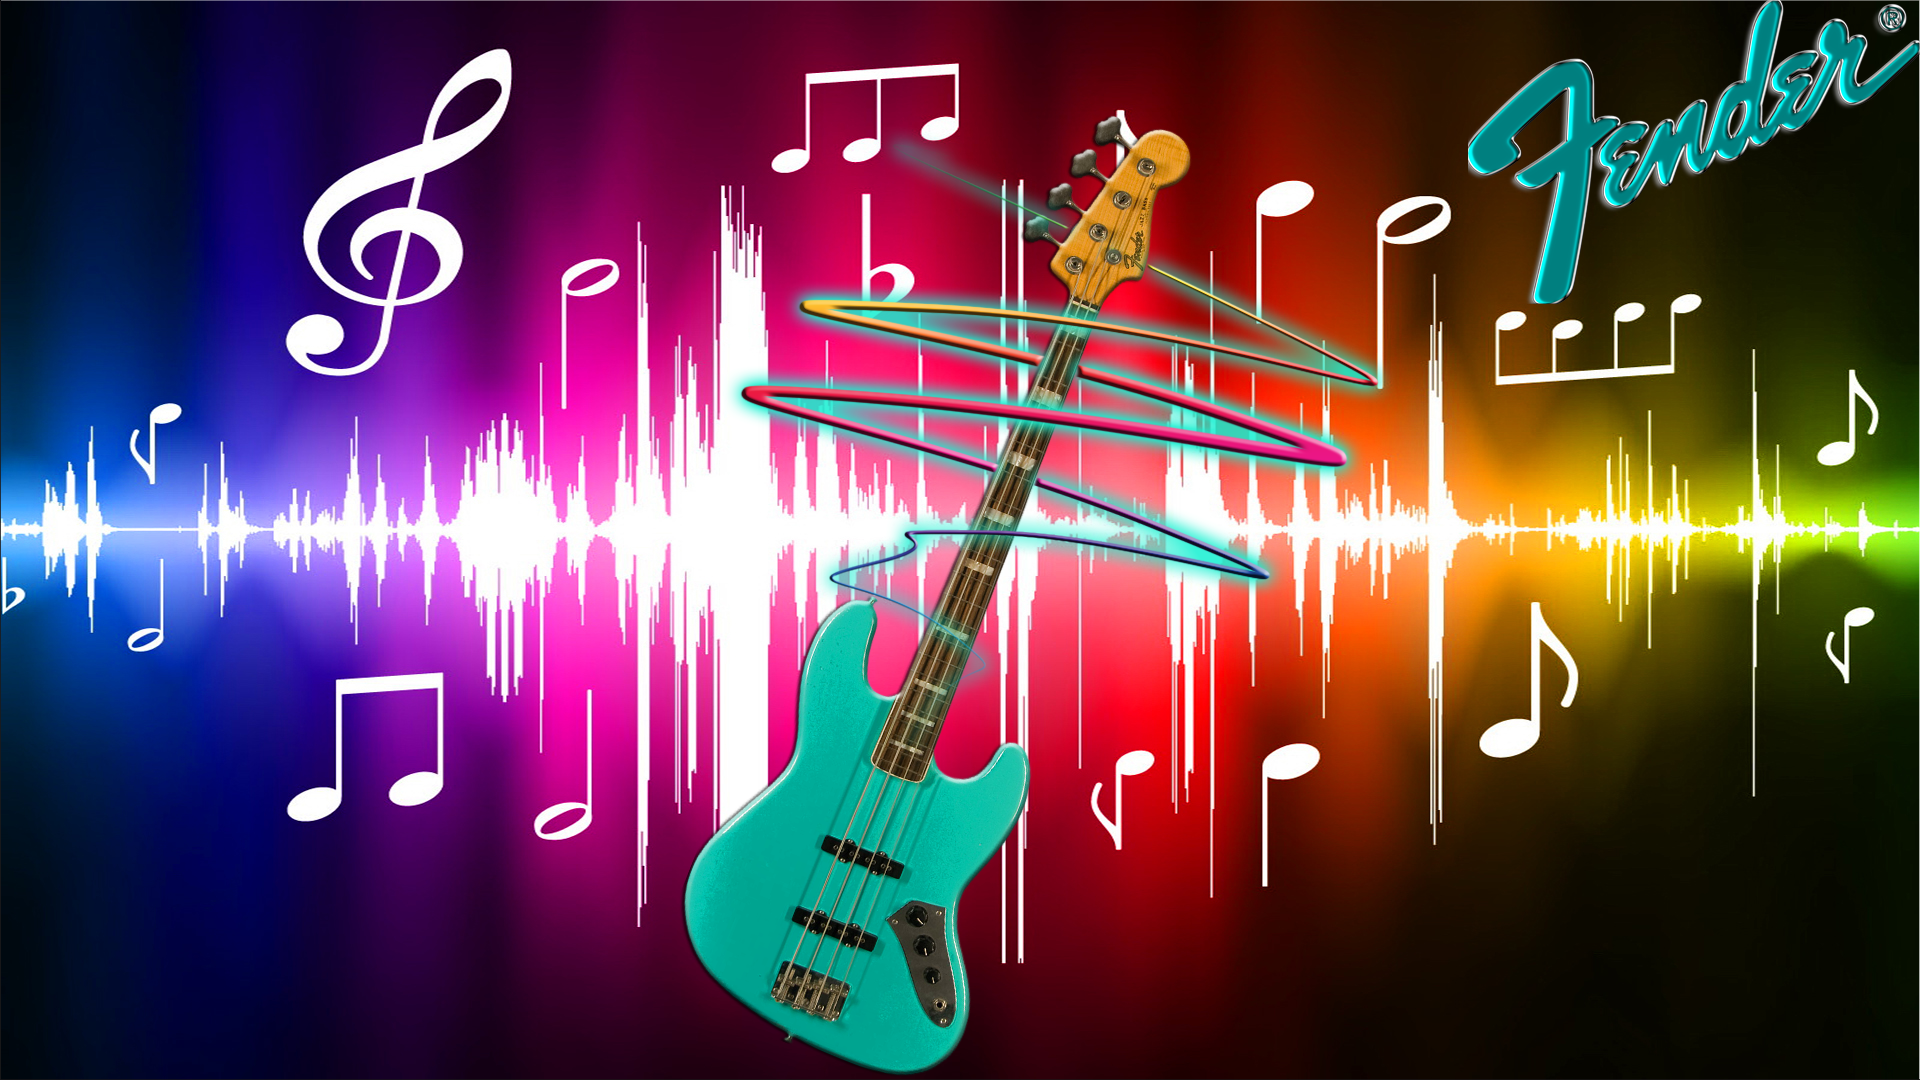 Fender Guitar Fondo De Pantalla HD